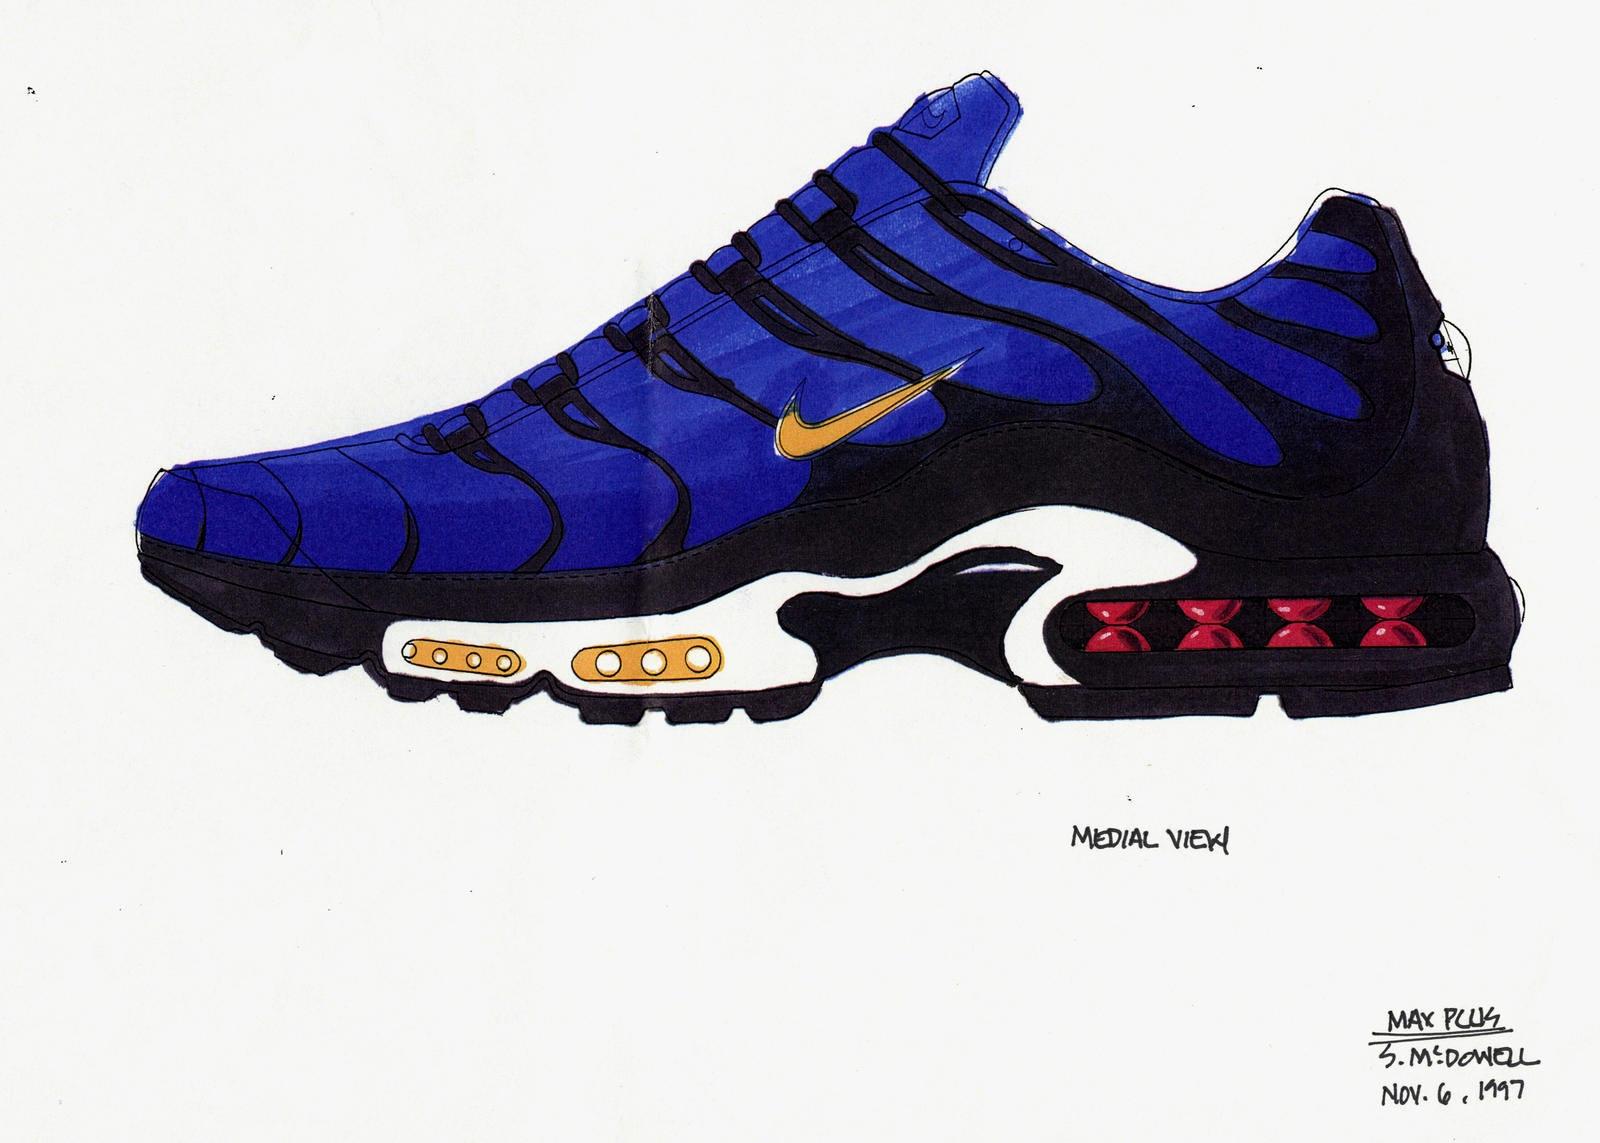 Nike Air Max Plus - нерассказанная история кроссовок